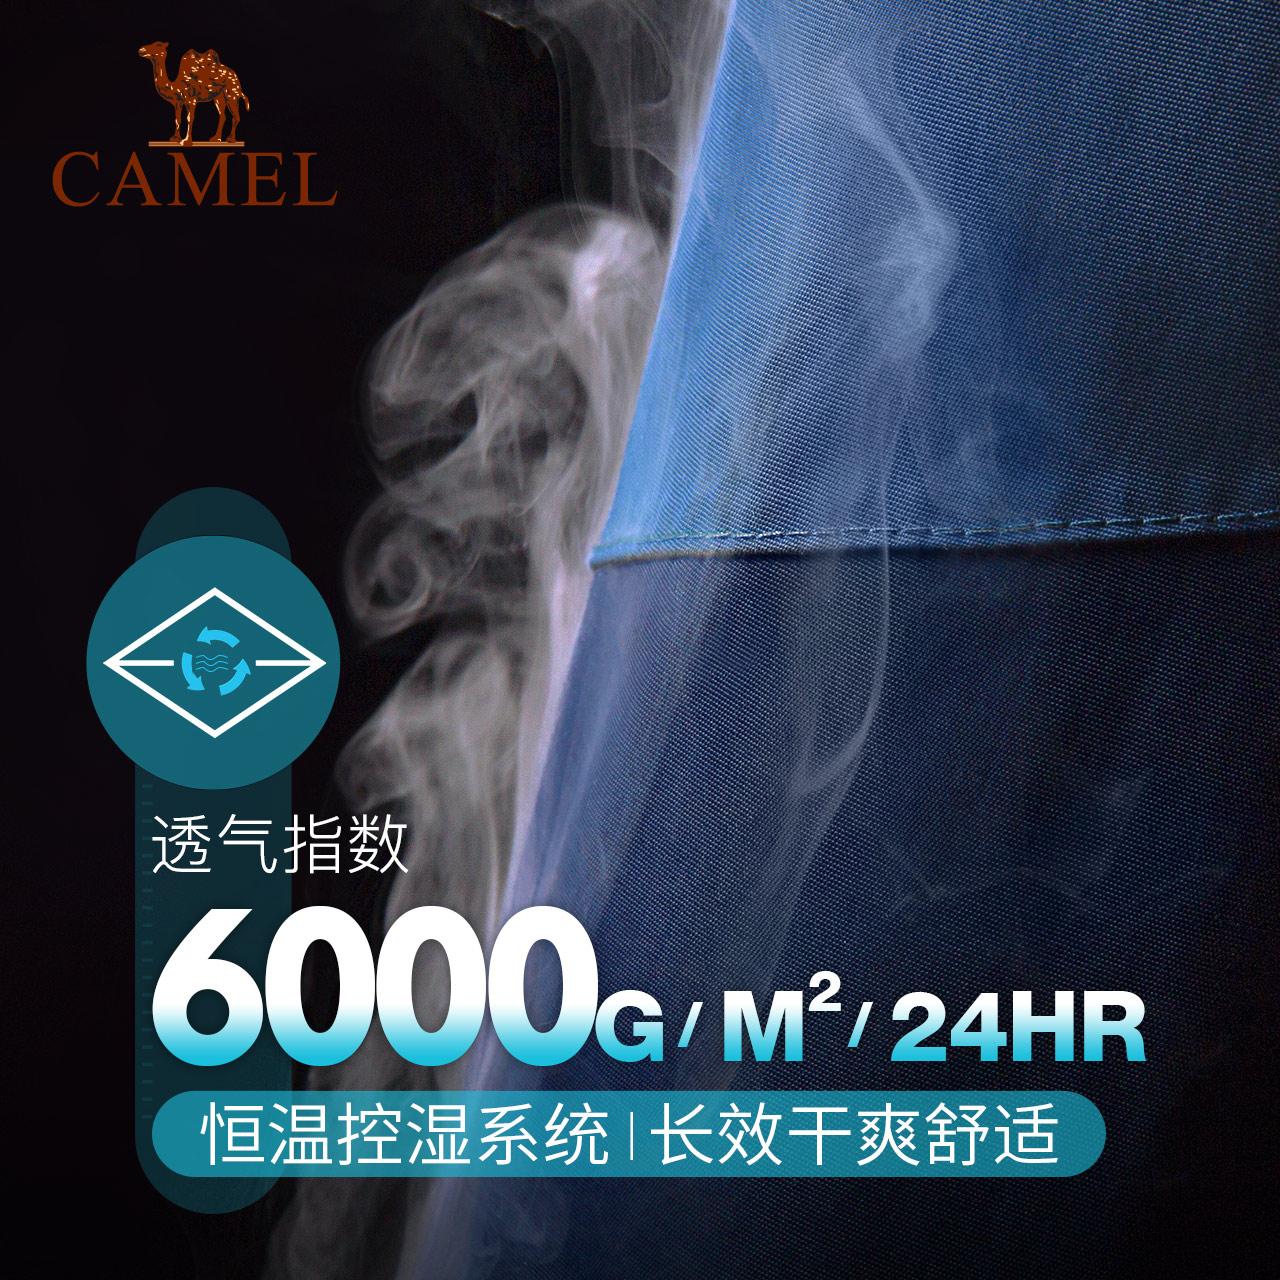 骆驼8848系列冲锋衣男士潮牌加绒加厚可拆卸三合一两件套登山服女